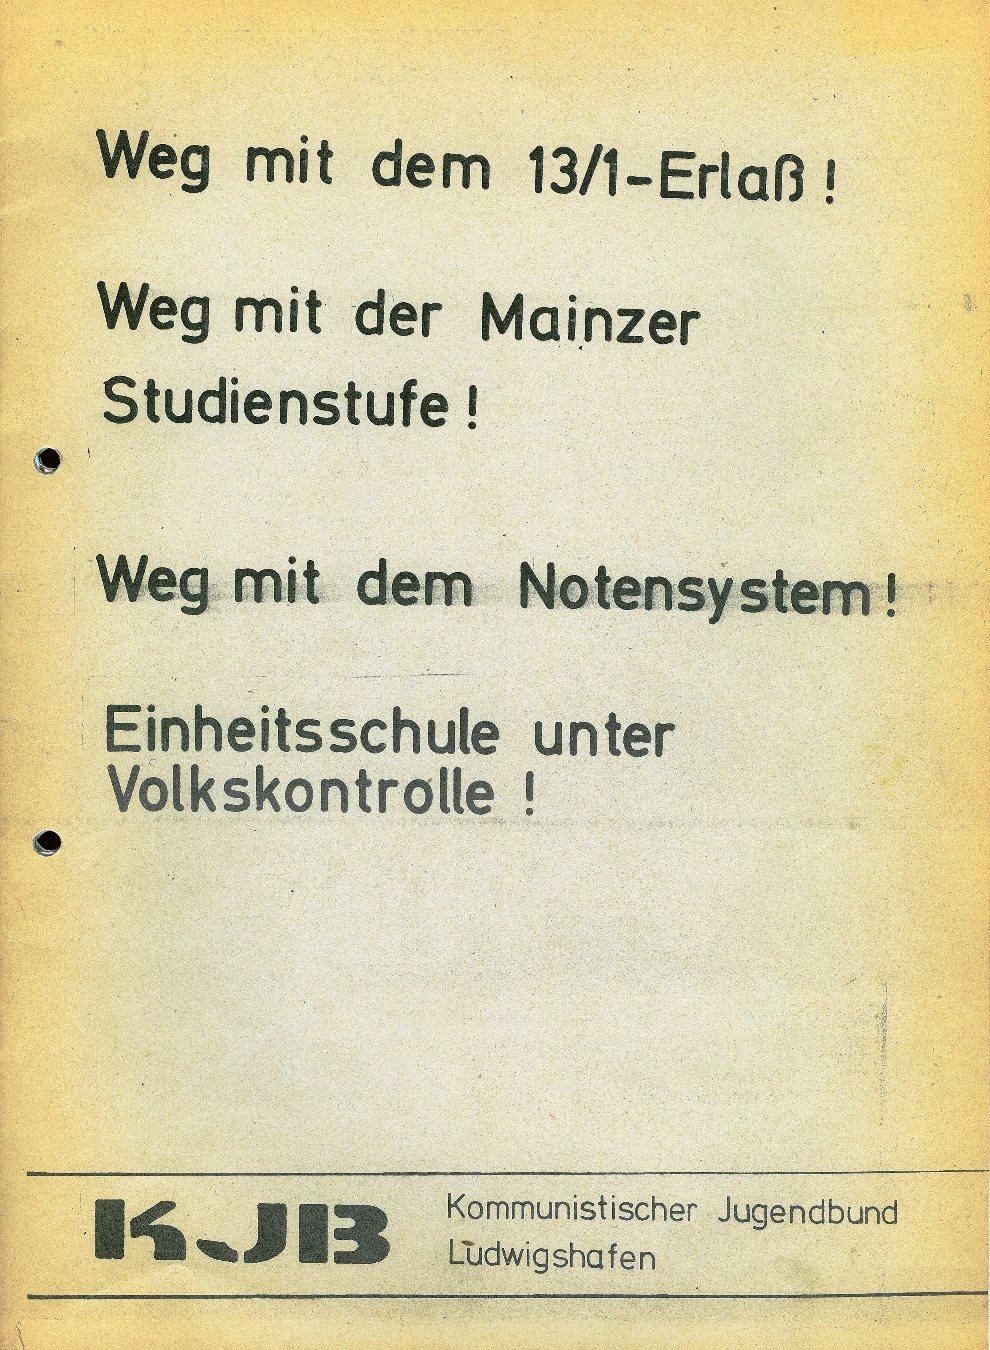 Ludwigshafen_KJB001